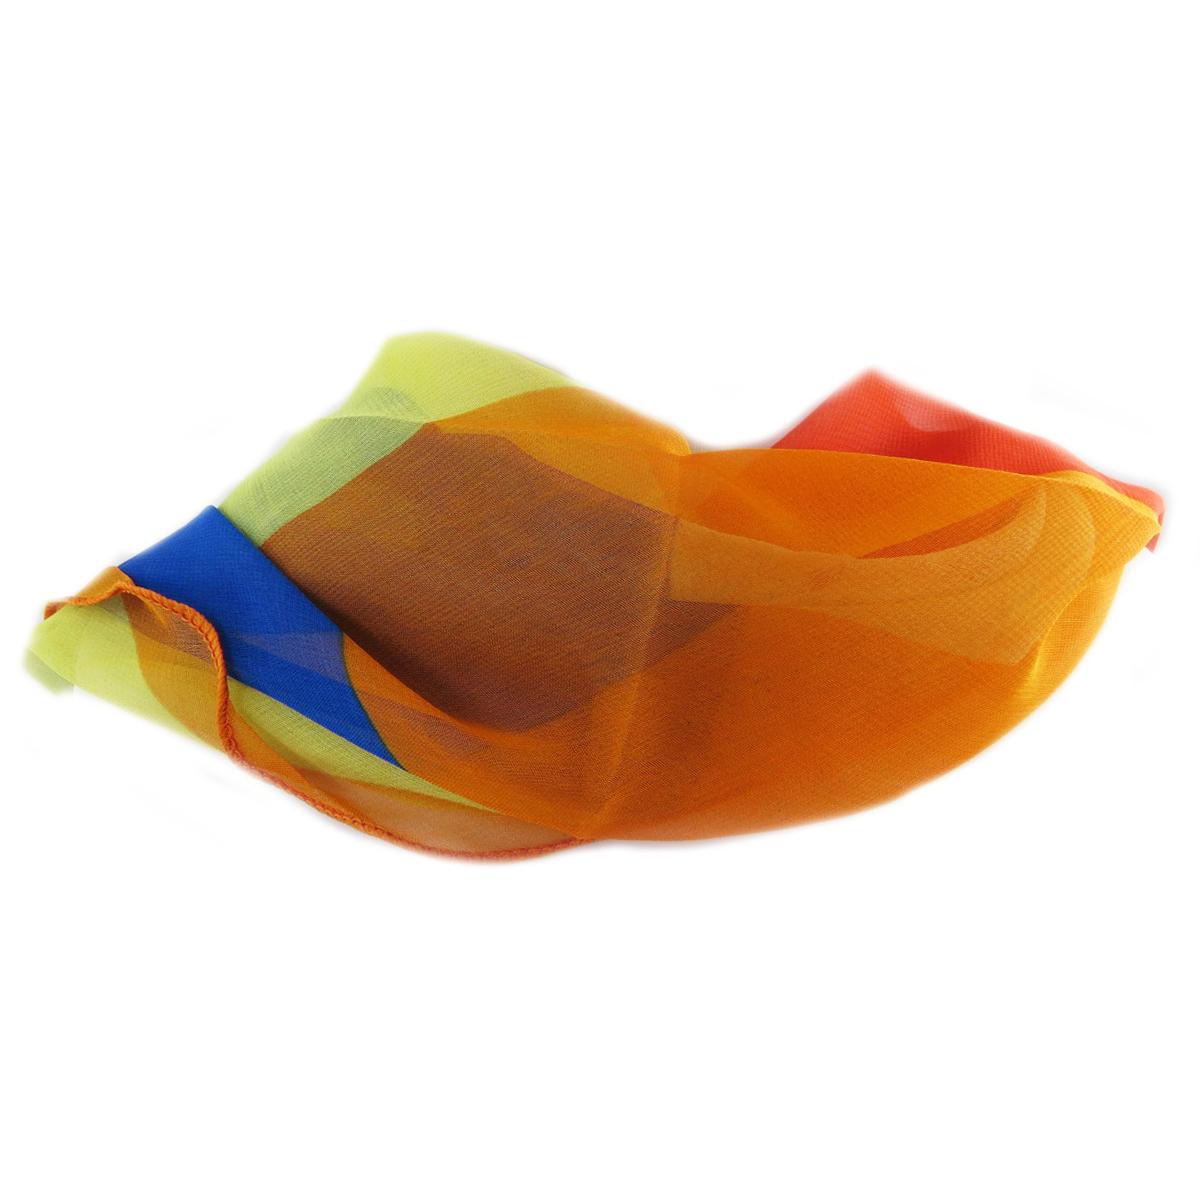 Carré voile \'Scarlett\' multicolore - 75x75 cm - [Q5367]